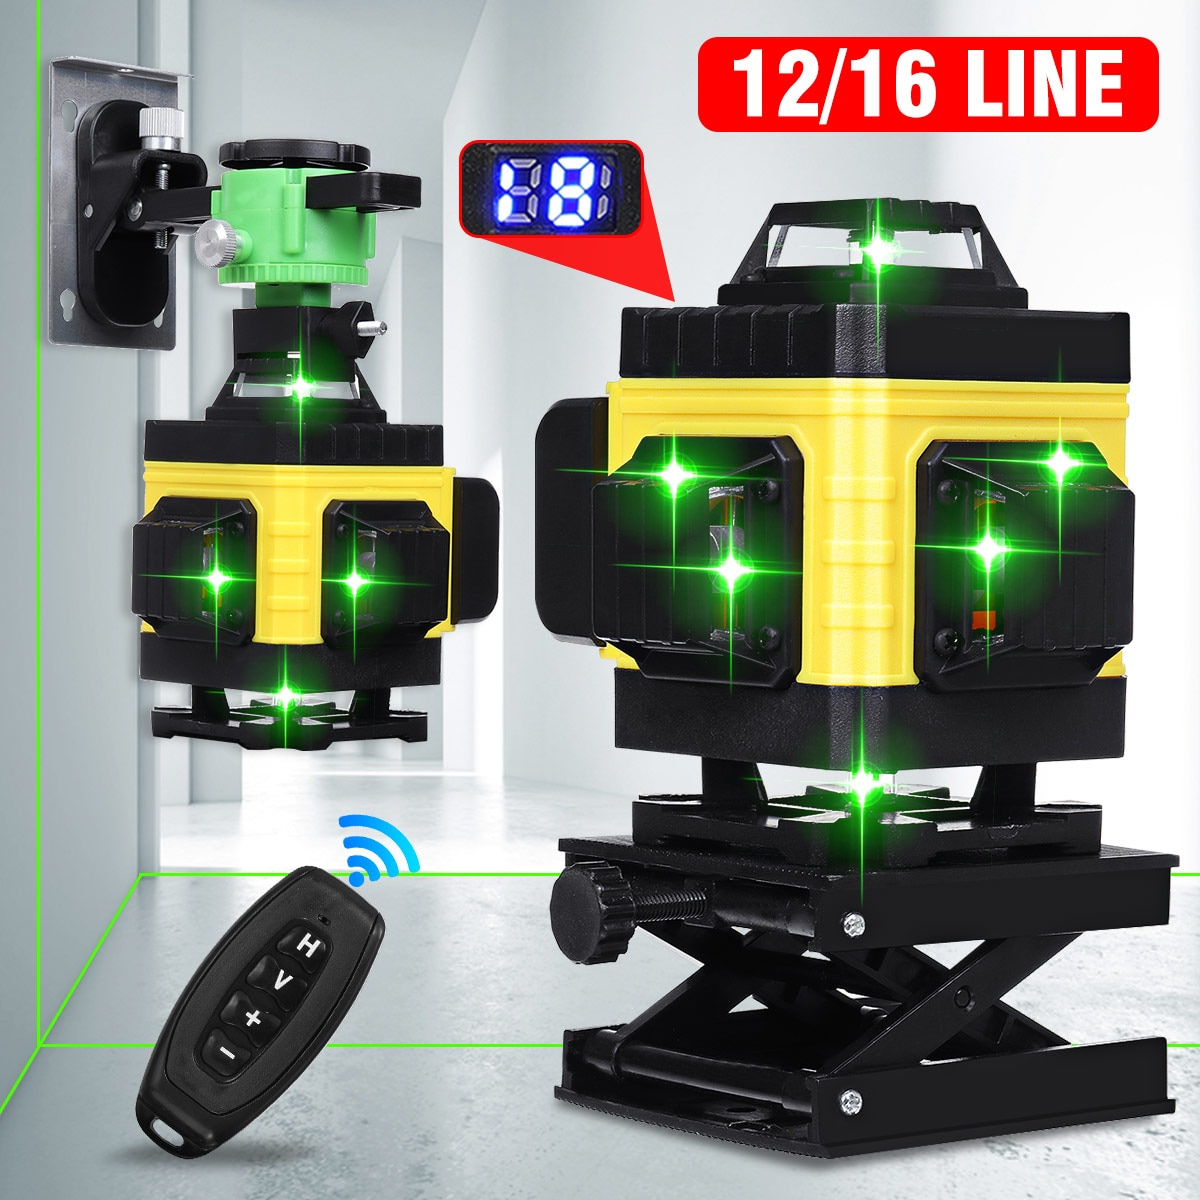 12/16 خط الليزر مستويات الضوء الأخضر 4D الذاتي التسوية 360 الأفقي والرأسي عبر قياس أدوات الليزر مستوى مع ترايبود